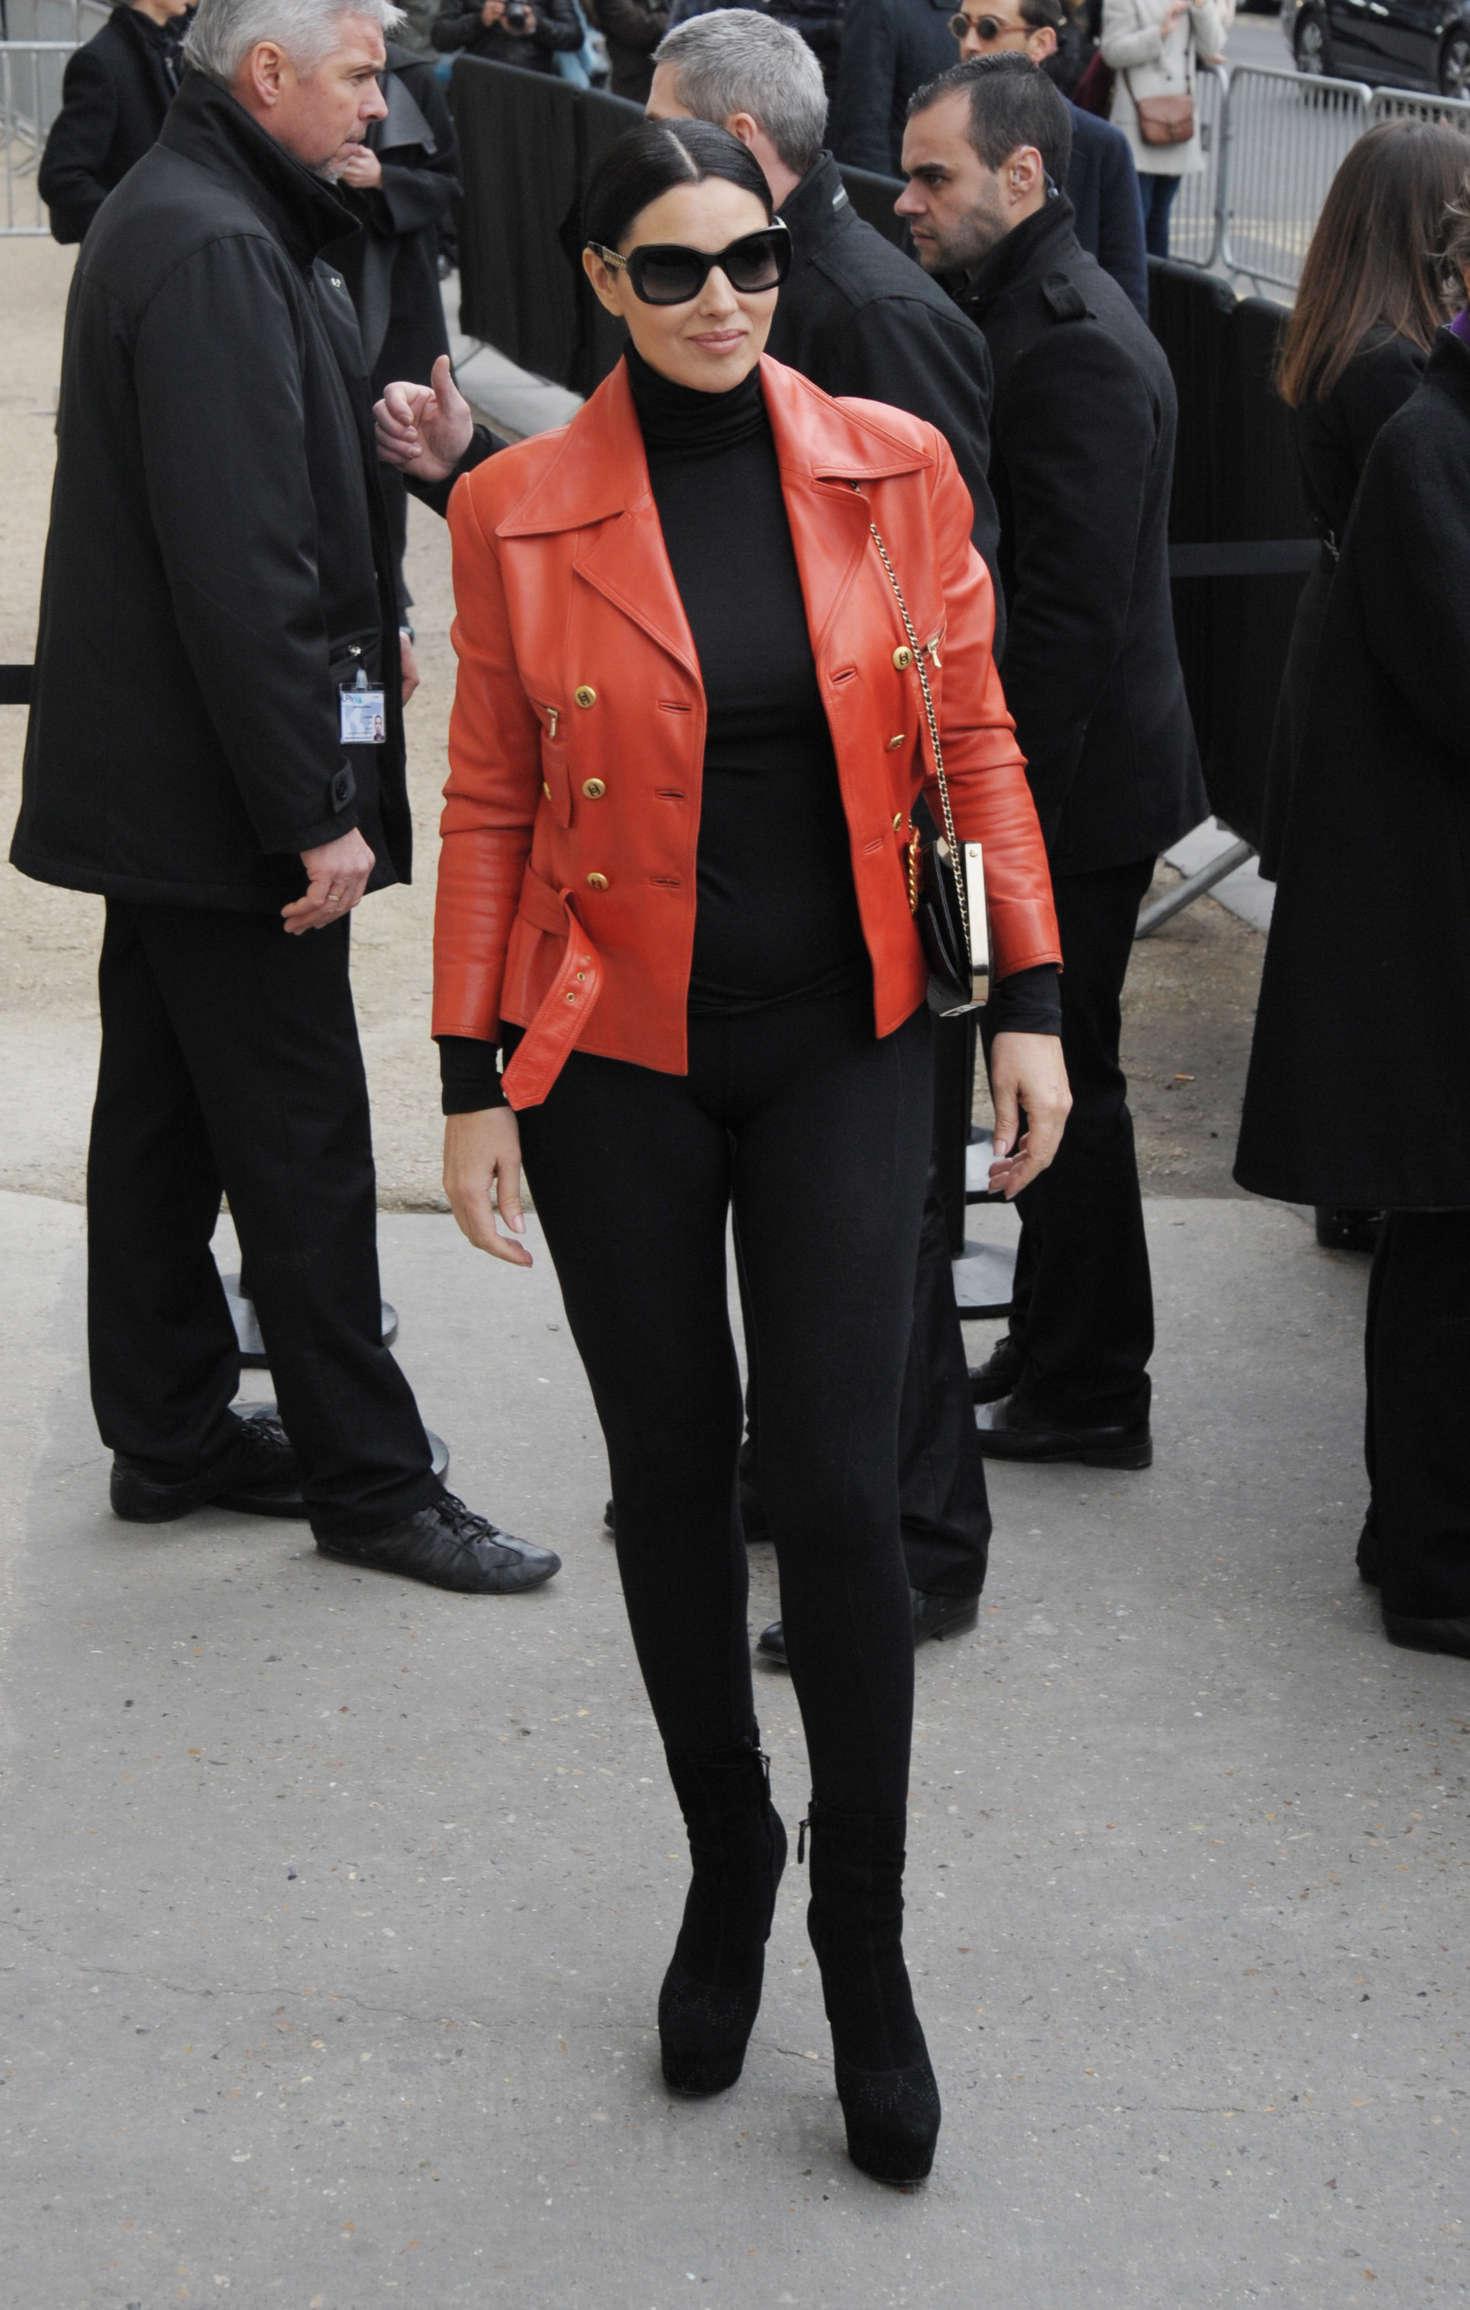 Monica Bellucci: Arriving at Chanel Fashion Show 2016 -05 ... Monica Bellucci Boyfriend 2016